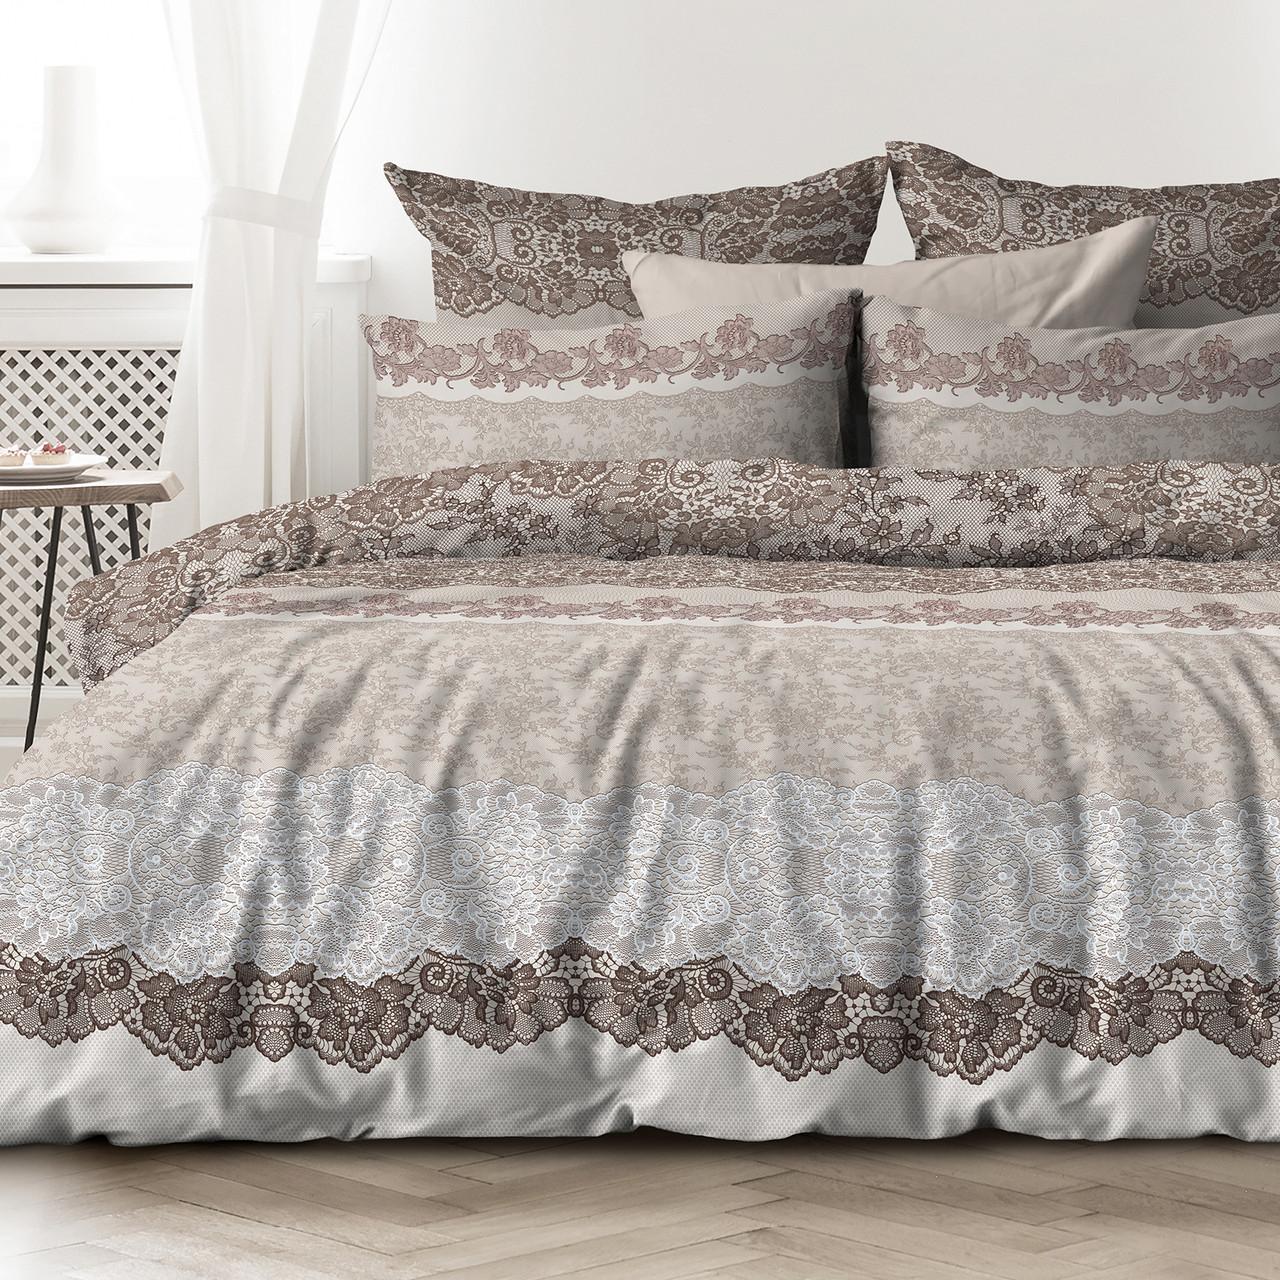 Любимый дом Комплект постельного белья Лессаж, 2 спальный евро